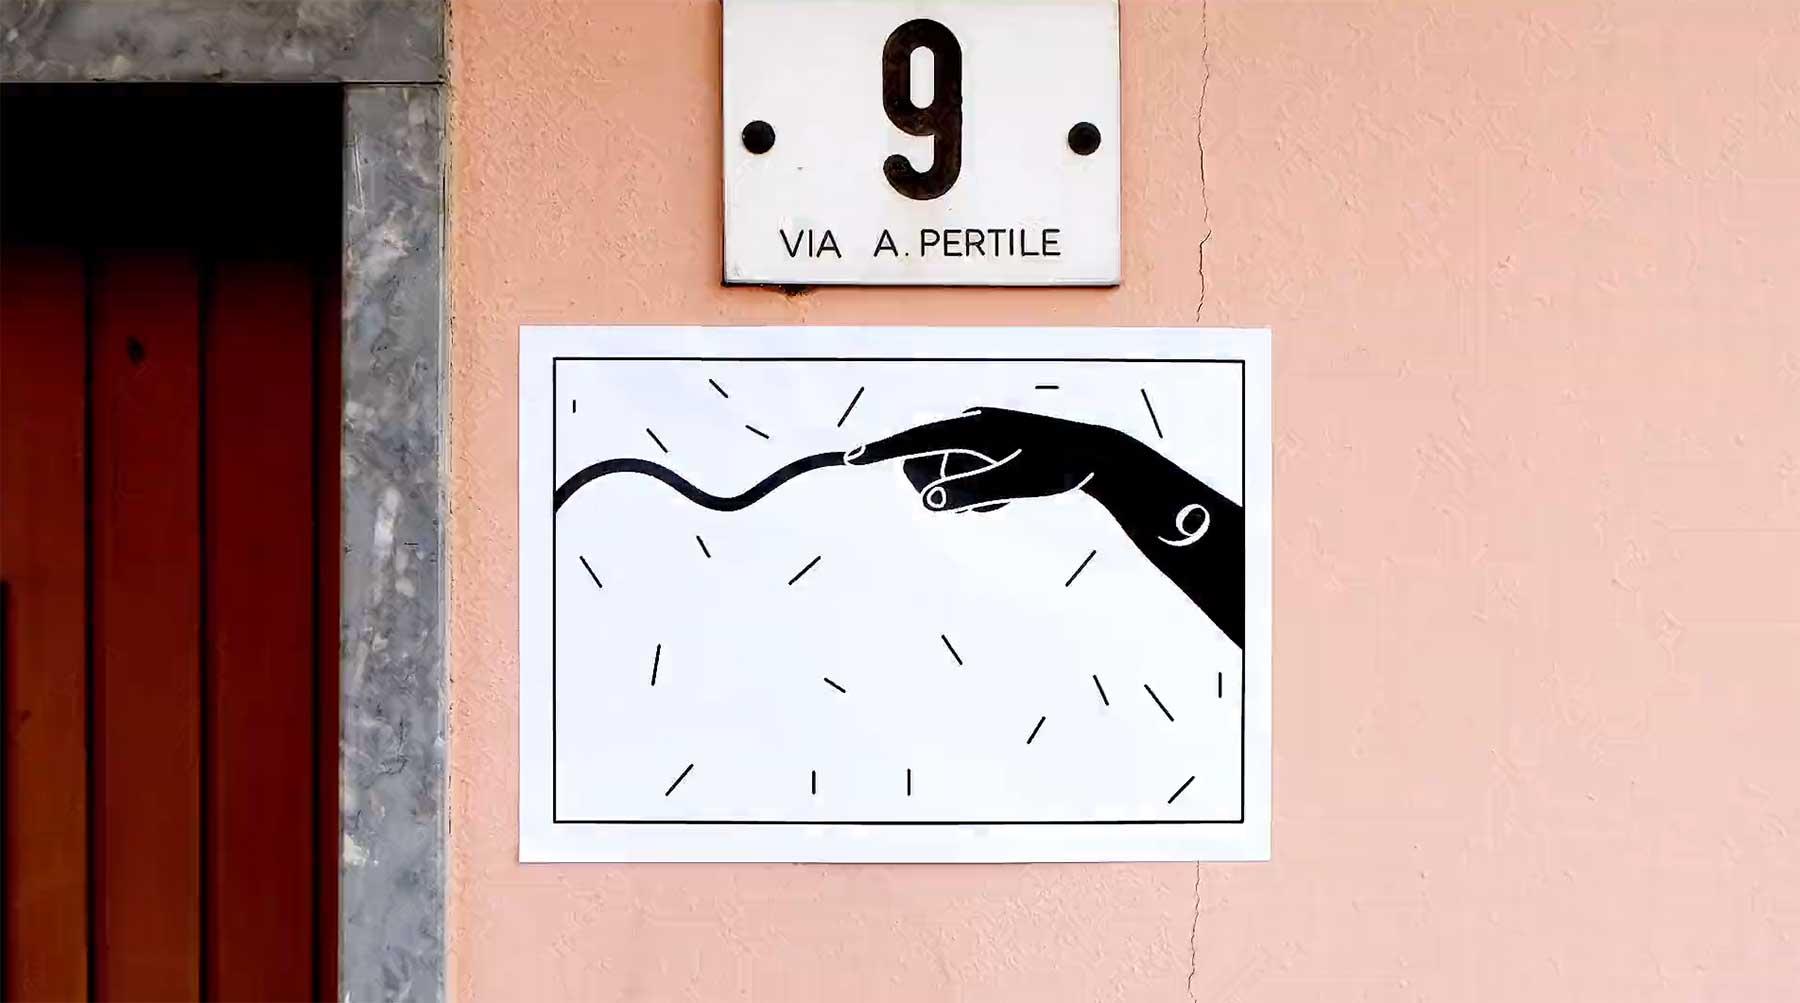 Stopmotion-Geschichte aus an Wände geklebten Zetteln APERTURE-stopmotion